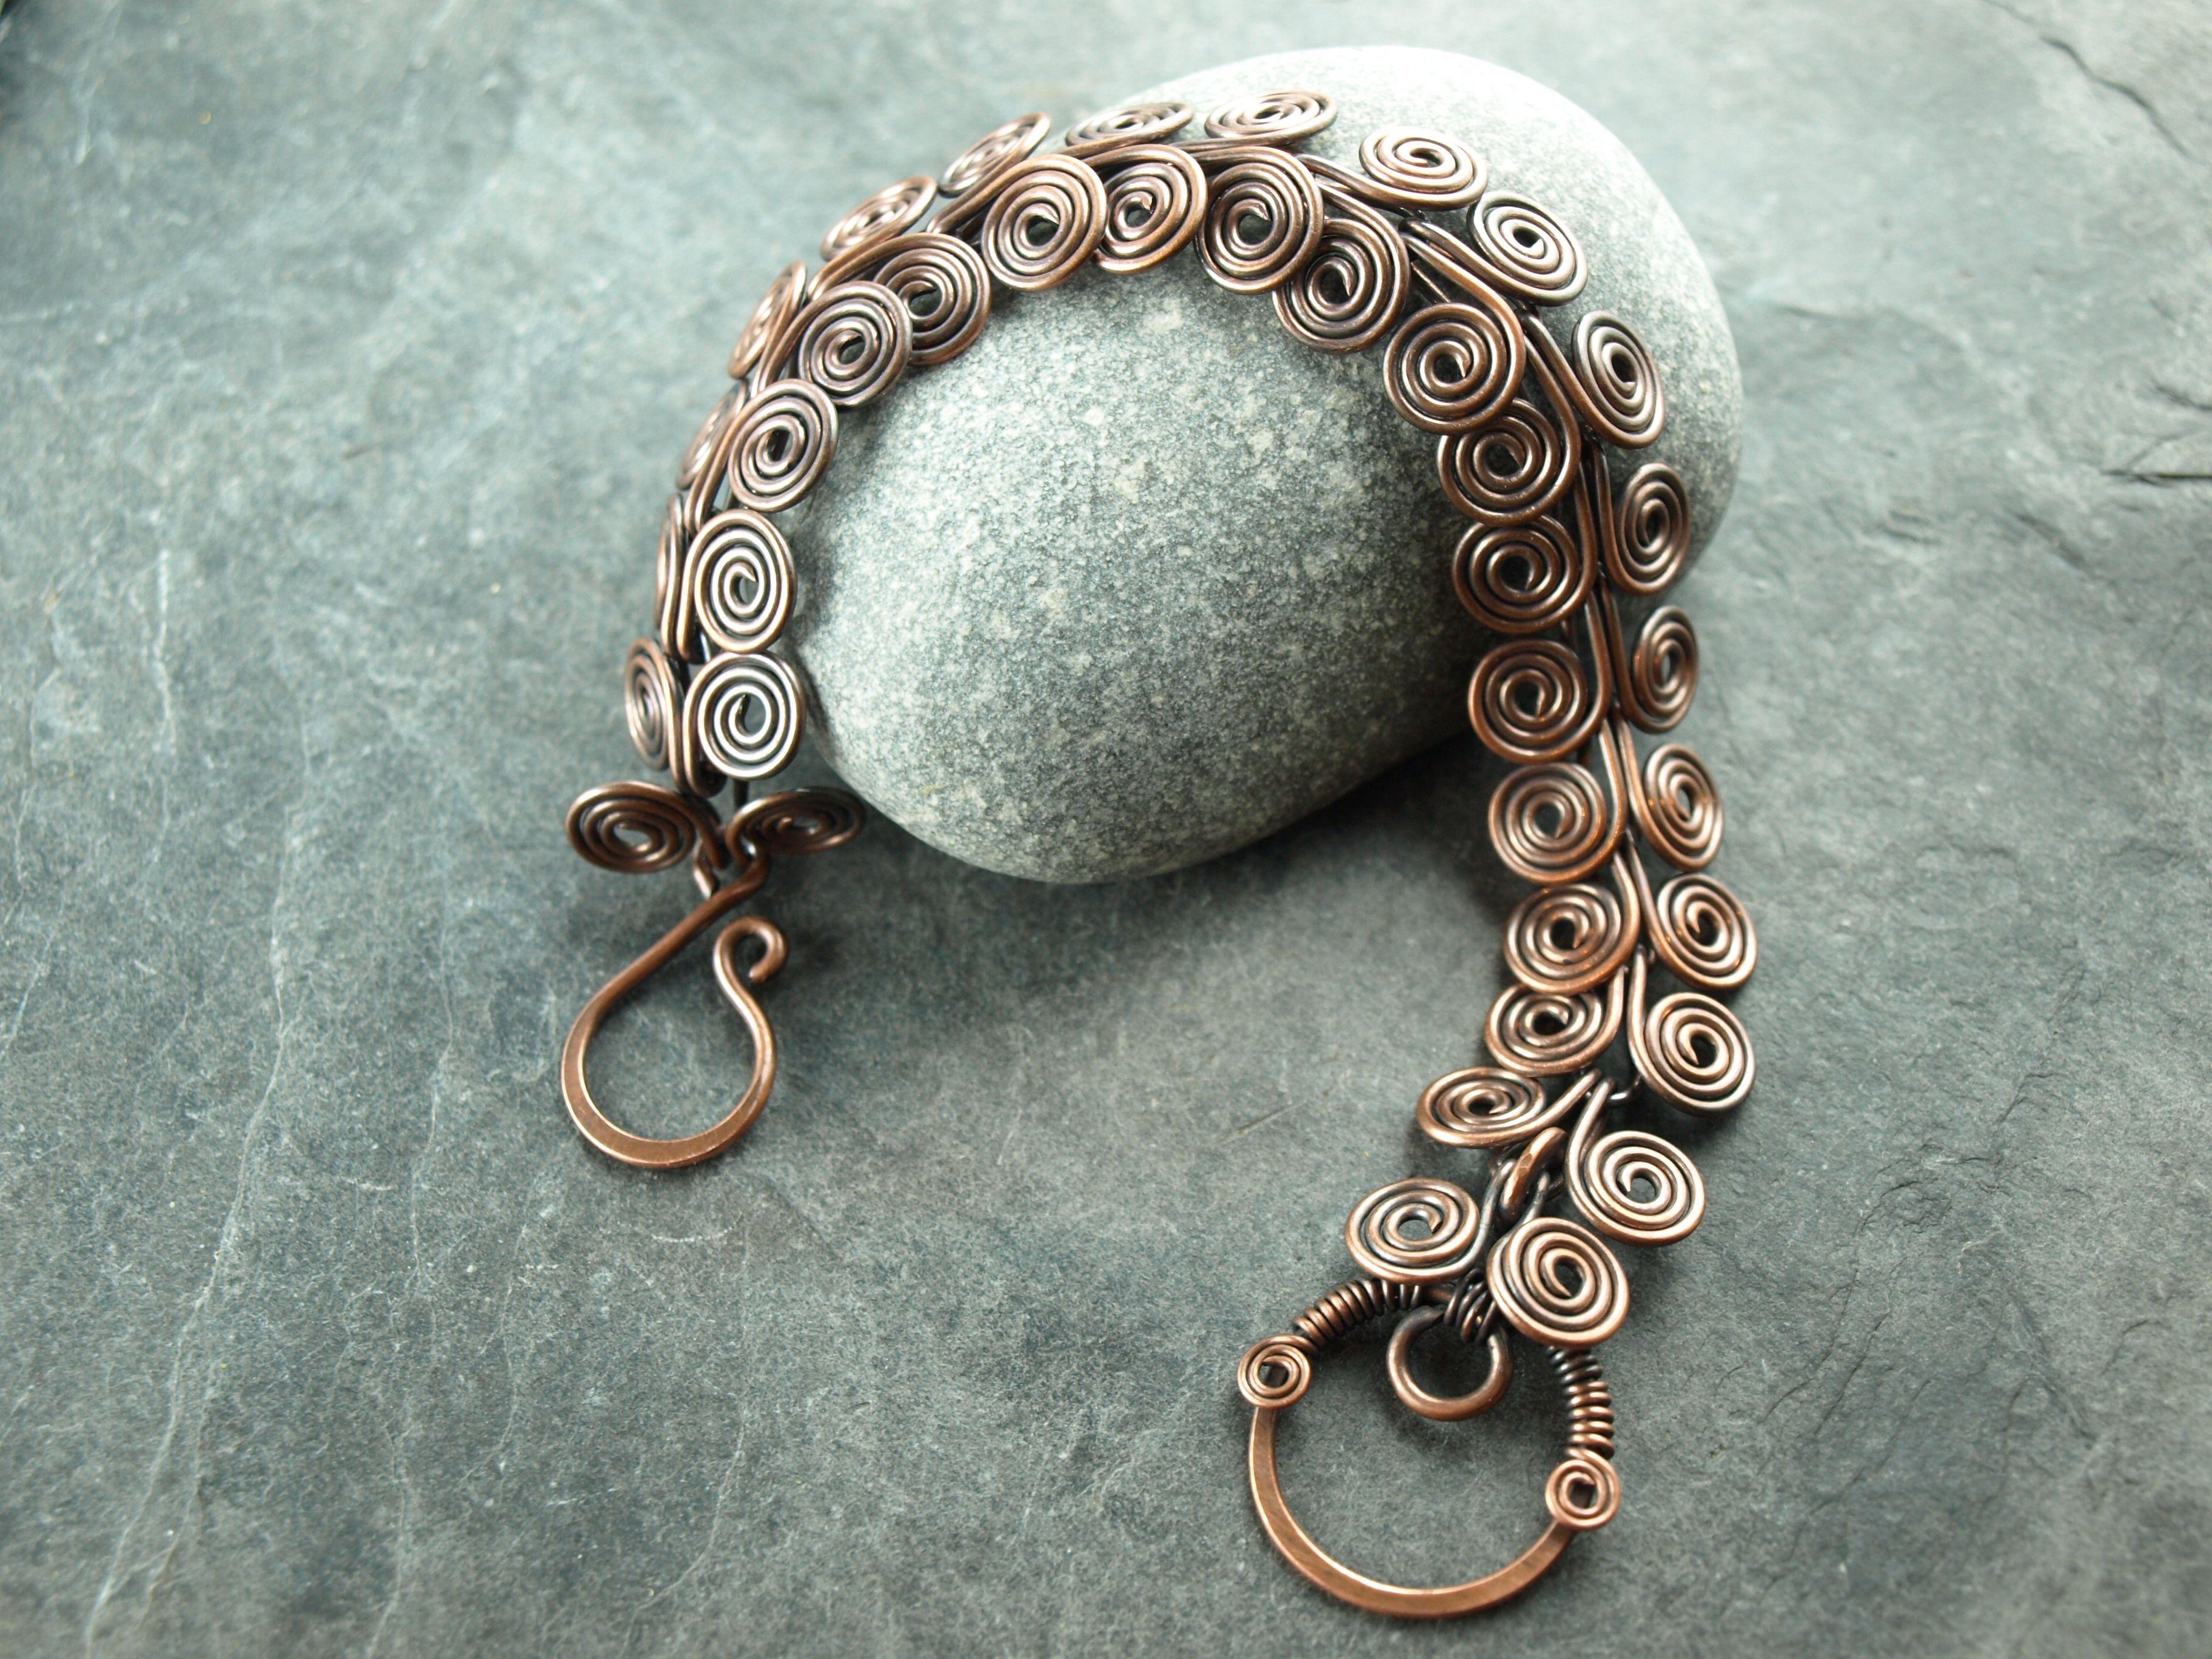 Armband Kupfer antik, copper,Spiralen,wire work, Drahtschmuck ...